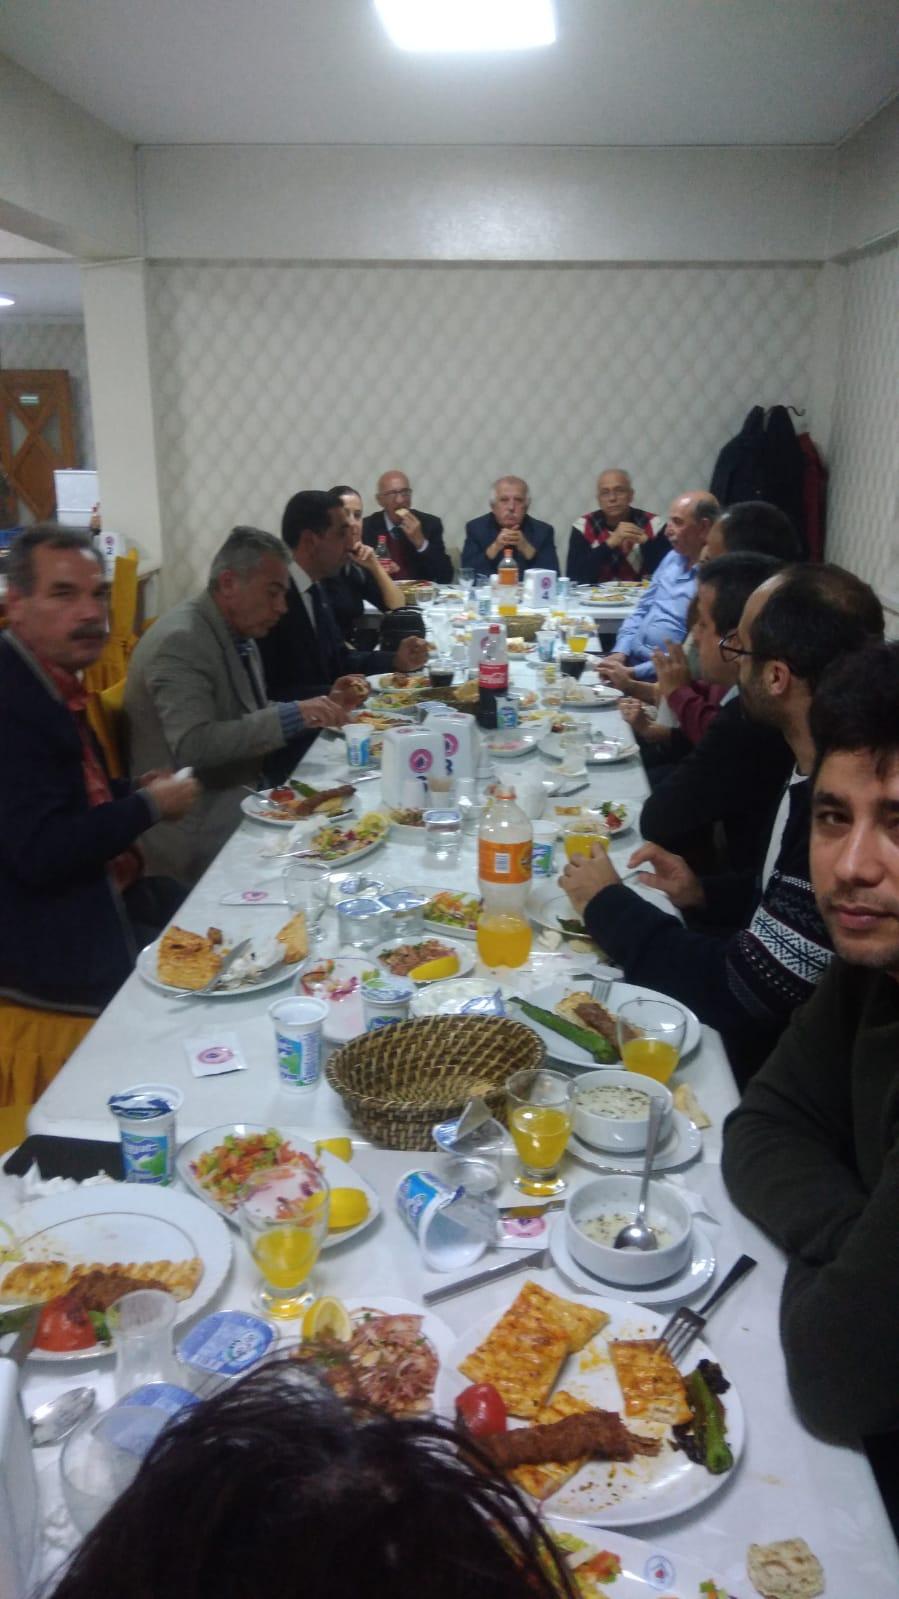 Osmaniye Temsilciliğimiz Üyelerimizle ve Adana Şube Yöneticilerimizle Yemekte Bir Araya Geldi